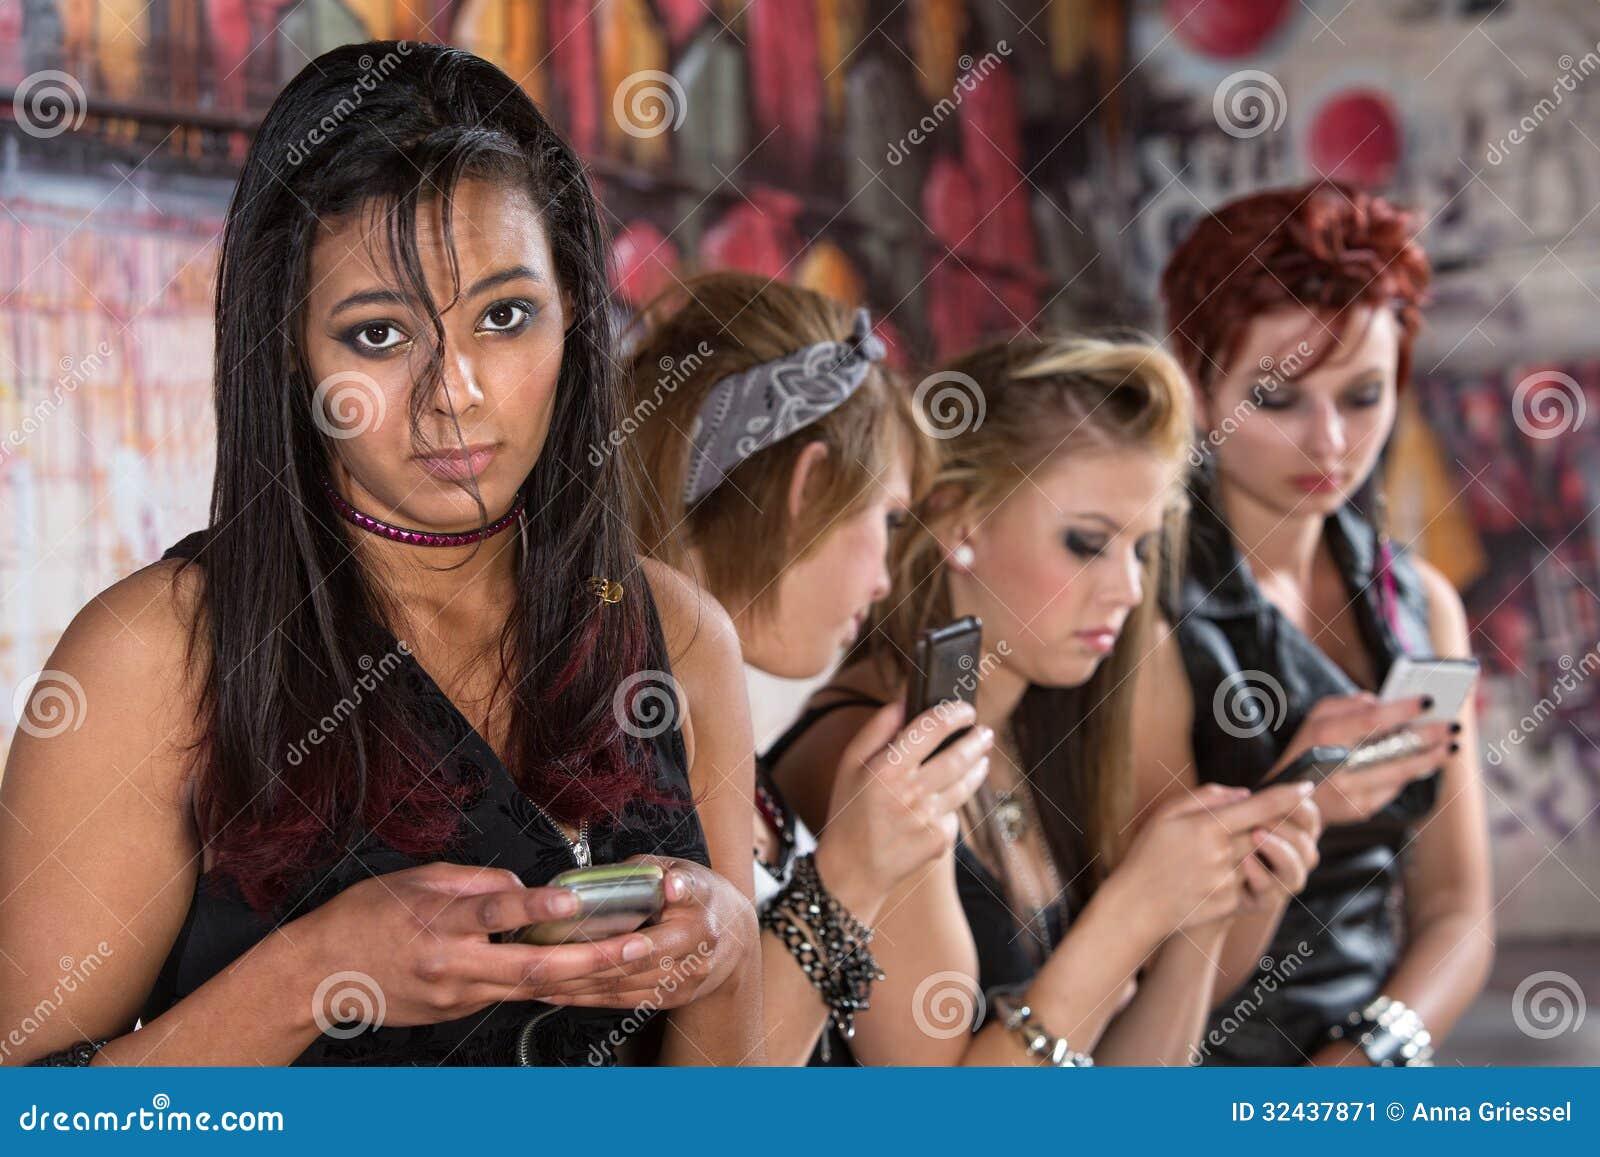 Teen group nail